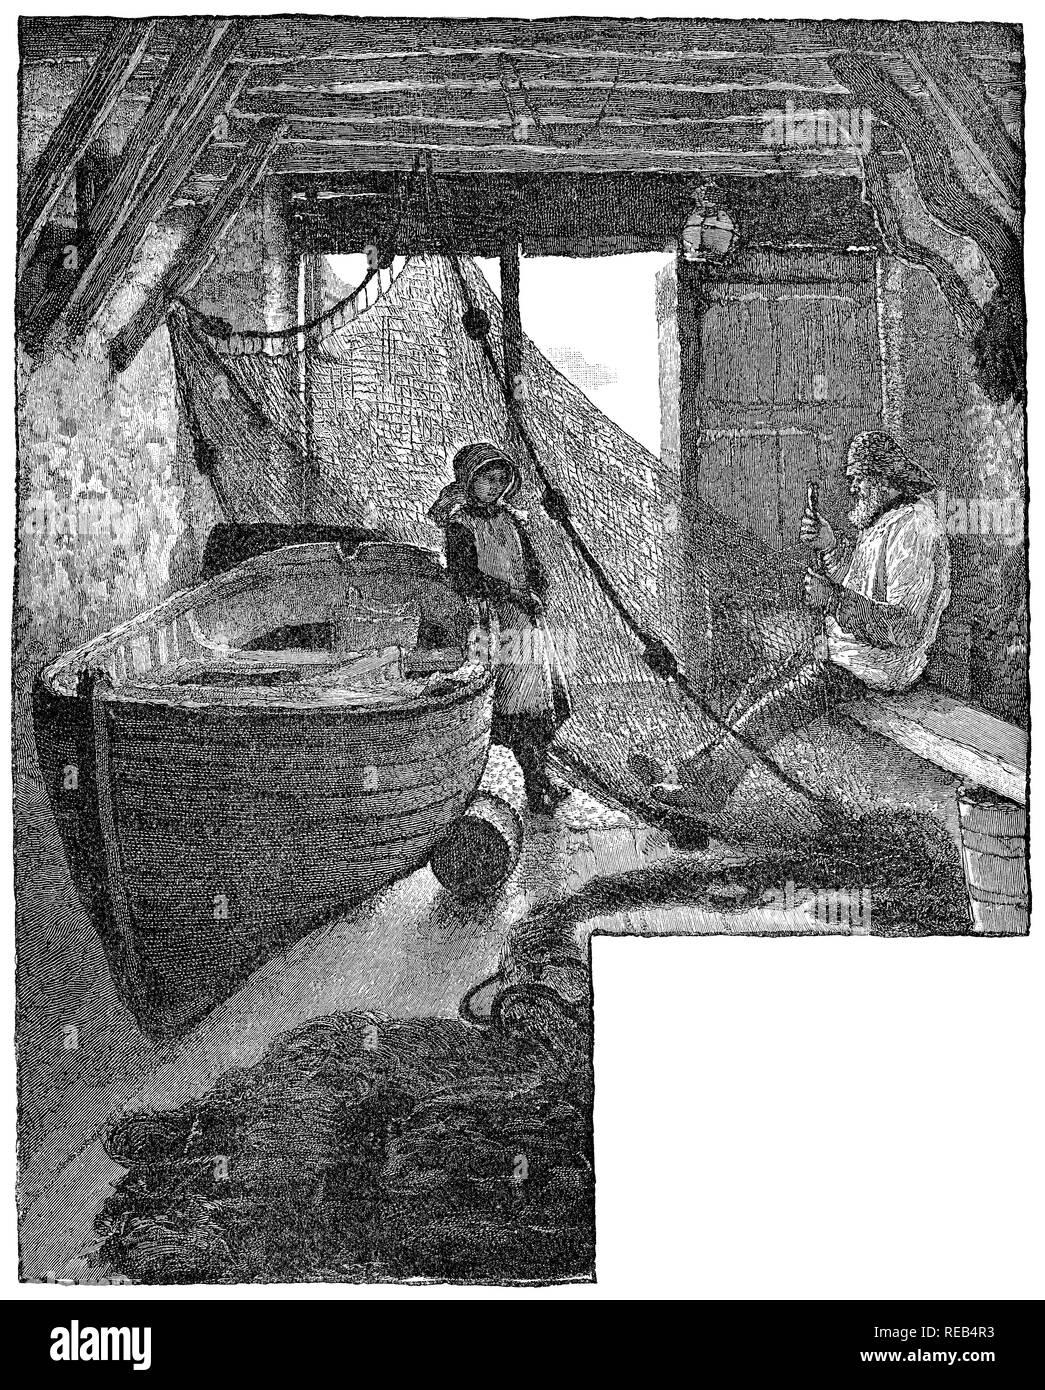 1884 incisione di un pescatore cantina vicino la lucertola in Cornovaglia. Immagini Stock